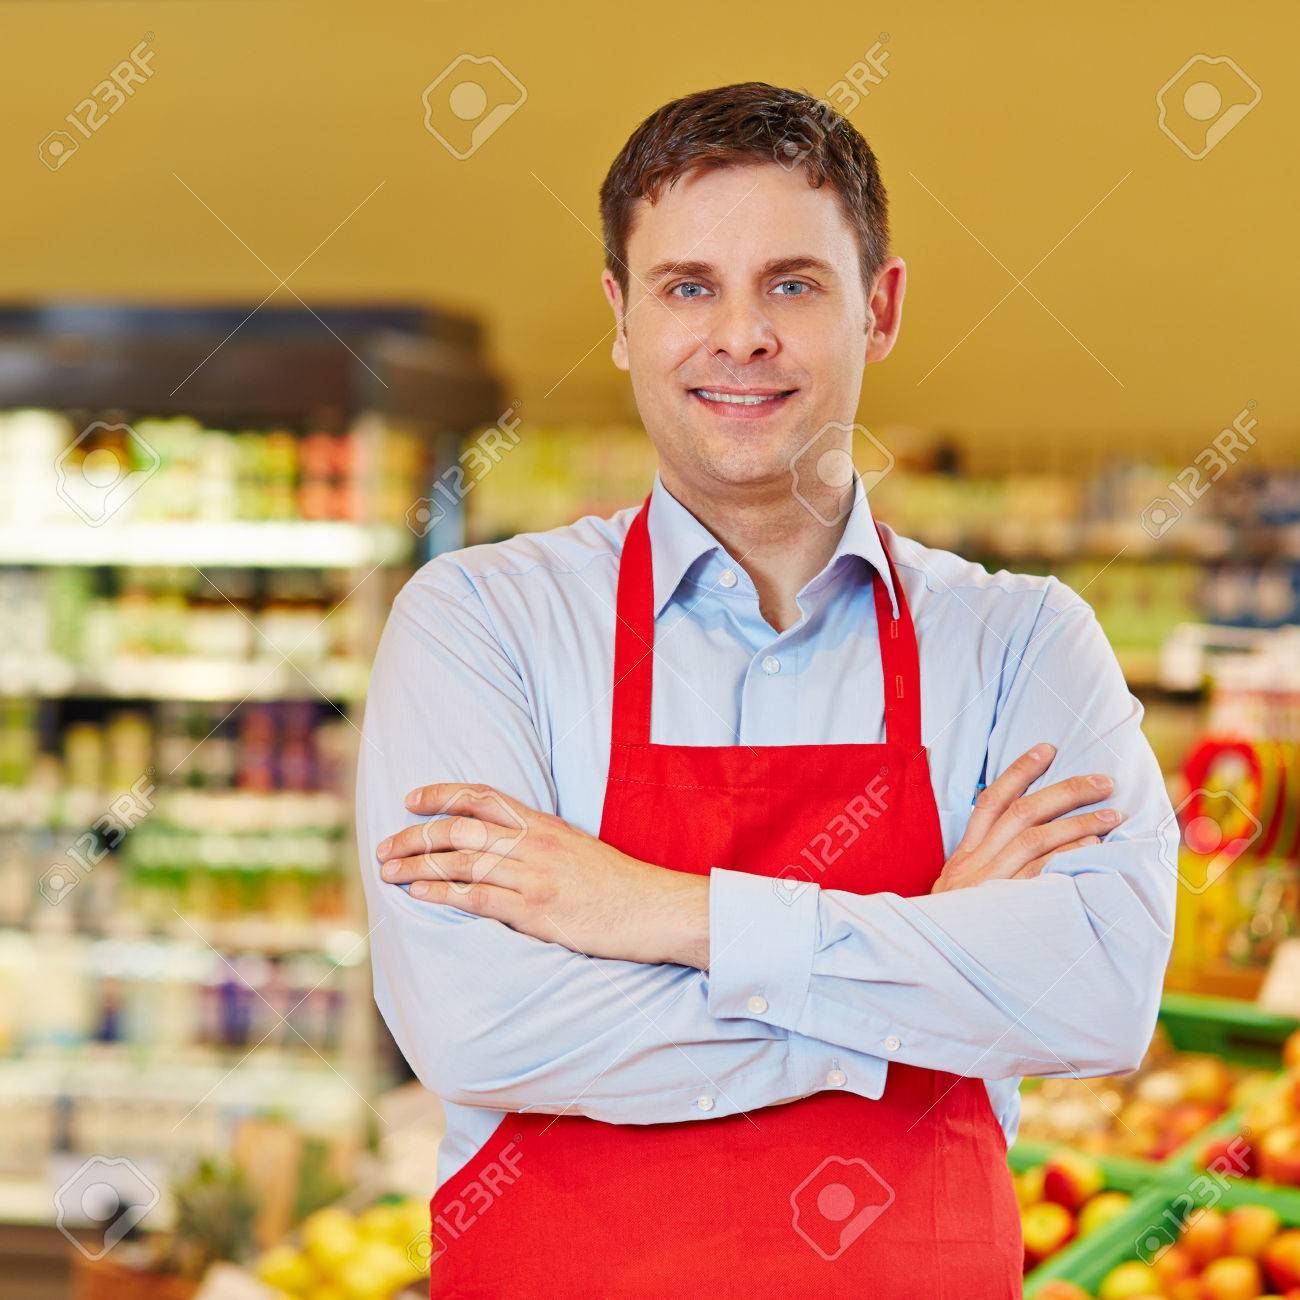 Portrait Der Glücklichen Einzelhandelskaufmann In Einem Supermarkt